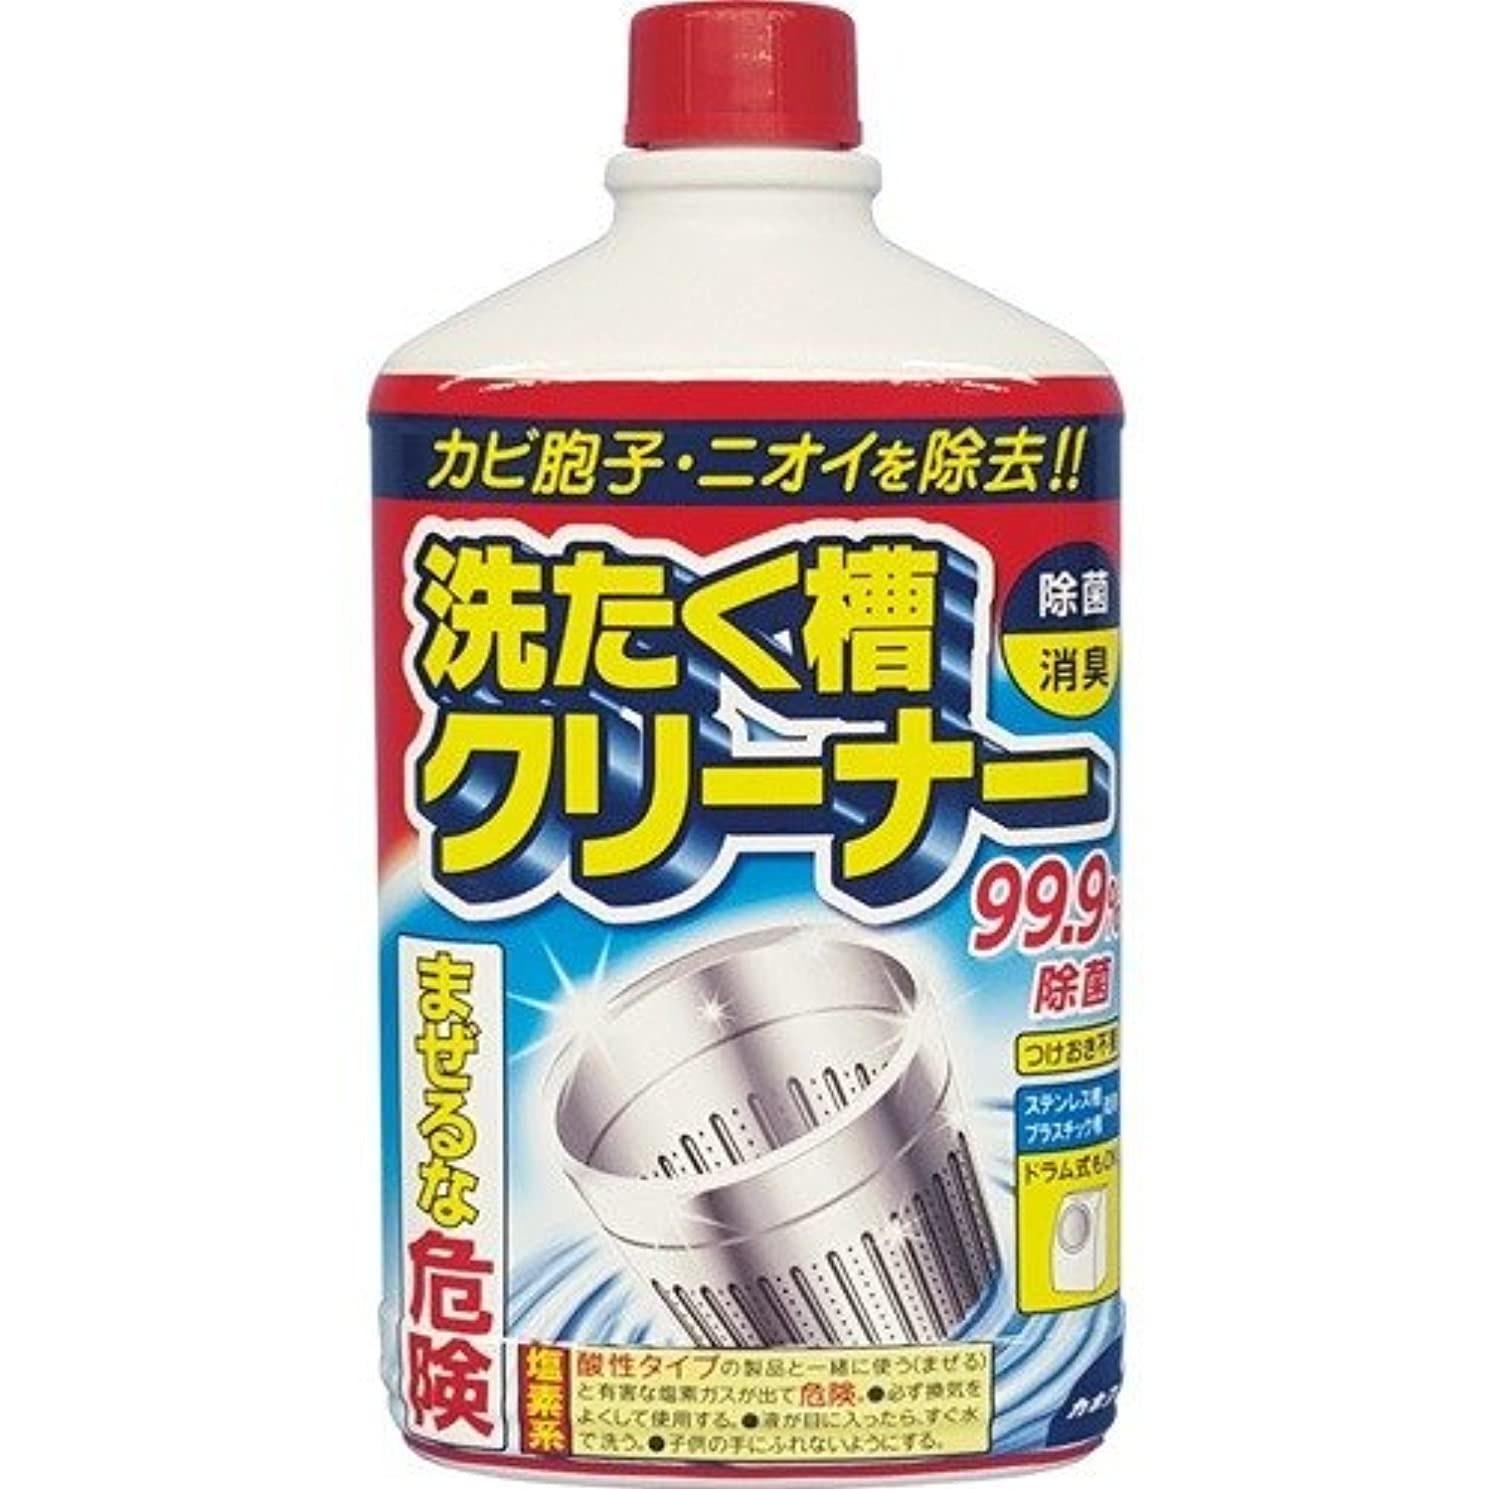 抑圧鎮痛剤所持洗たく槽クリ-ナ- 550g